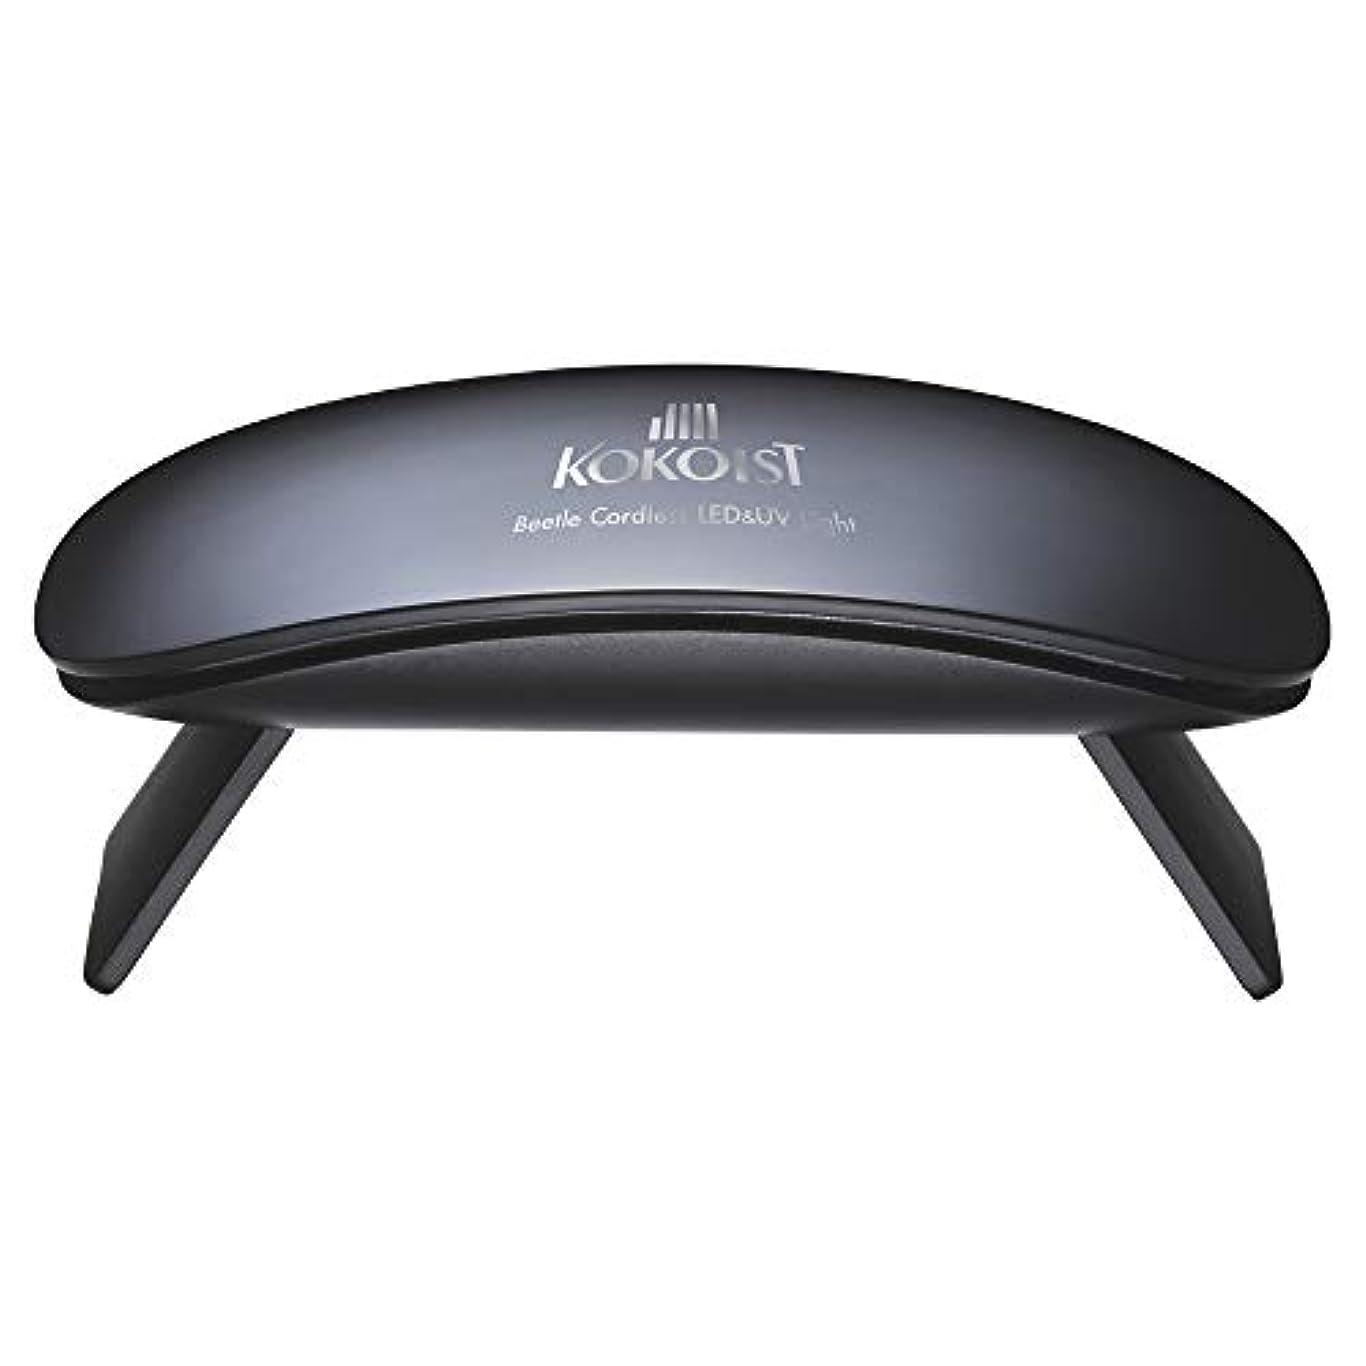 美徳オン振りかけるココイスト KOKOIST BeetleコードレスLED&UVライト 9W セット 本体+USBコード